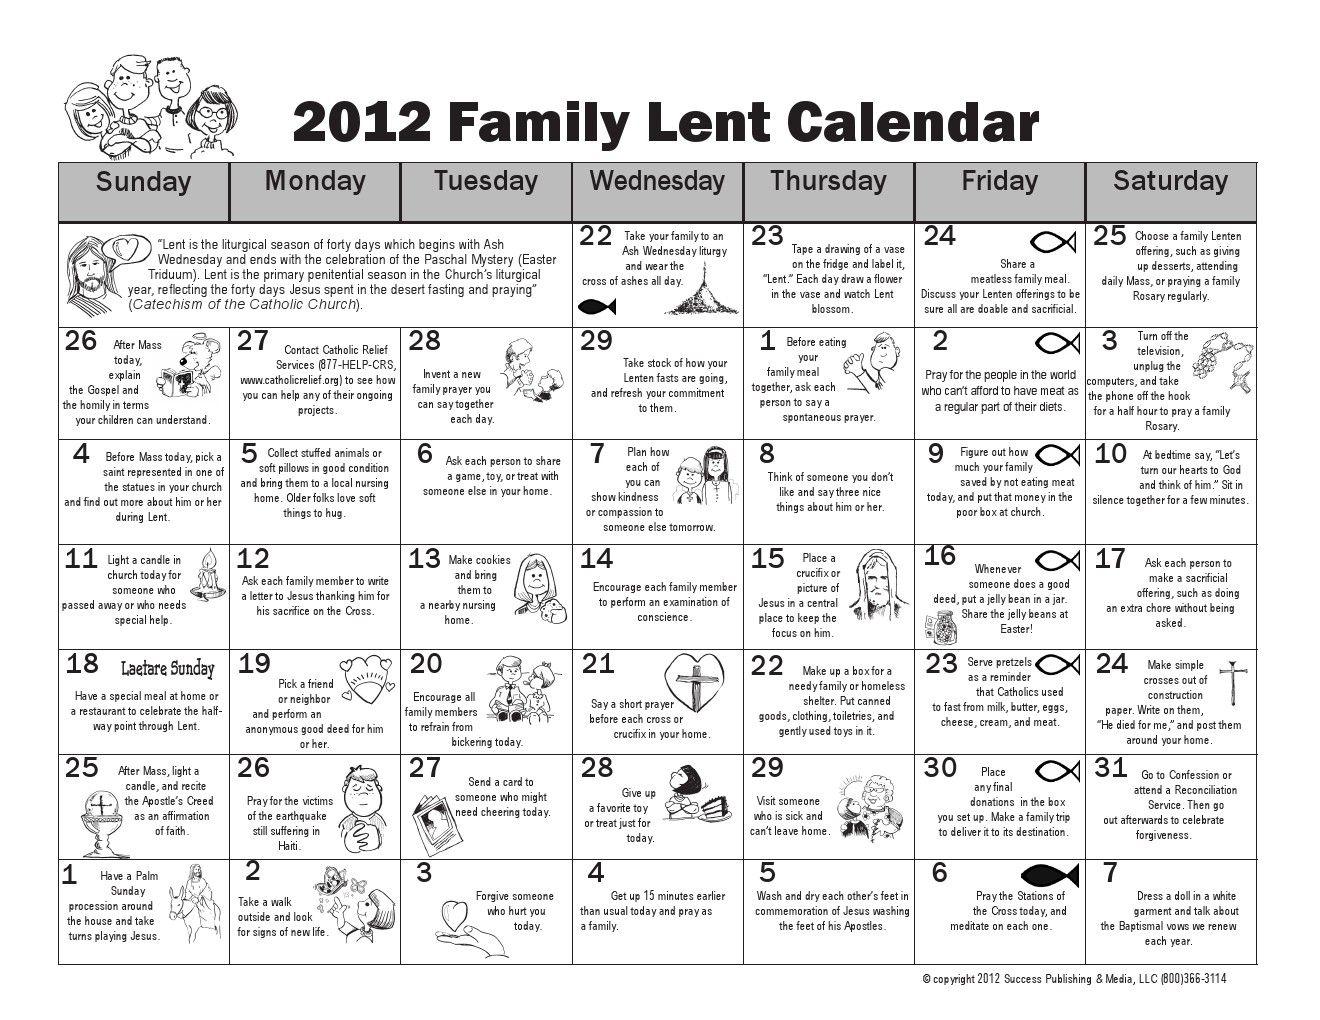 Family Lent Calendar